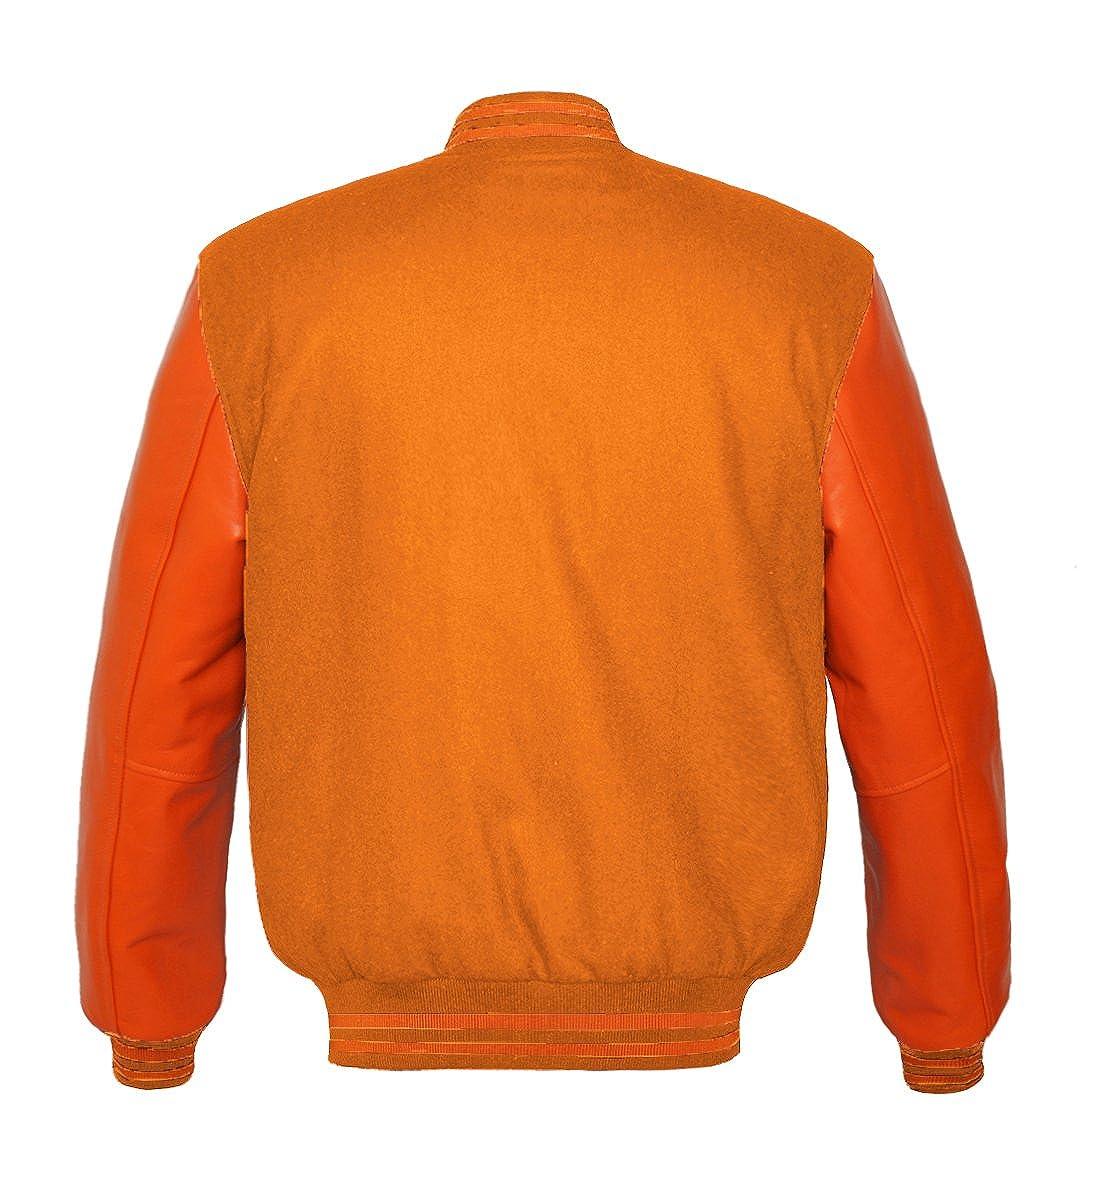 luvsecretlingerie Superb Genuine Orange Leather Sleeve Letterman College Varsity Kid Wool Jackets